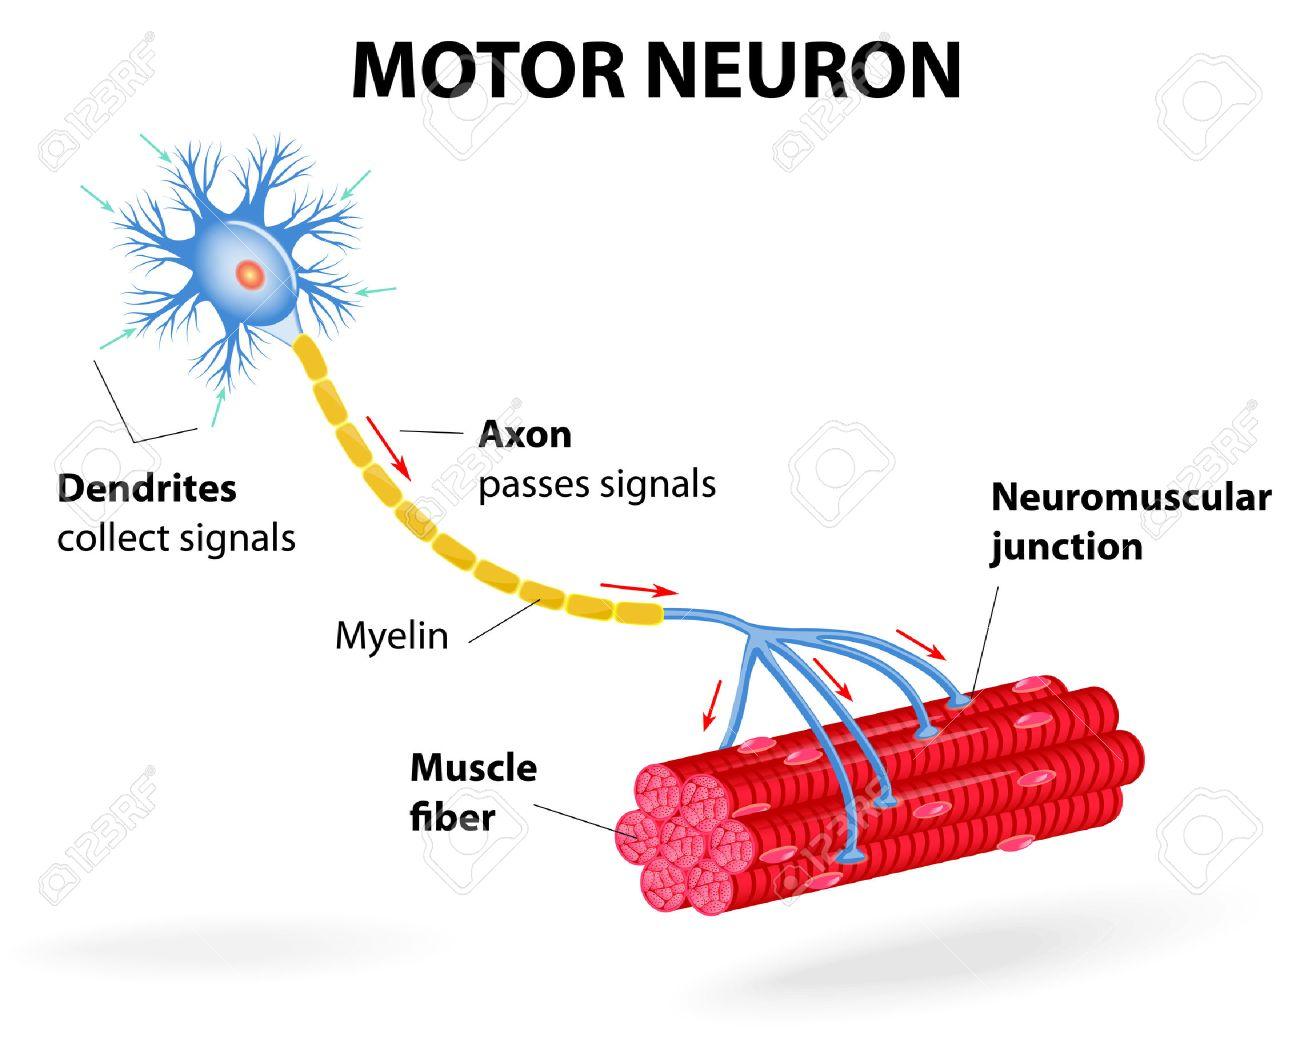 Estructura De La Neurona Motora. Diagrama Vectorial. Incluya ...